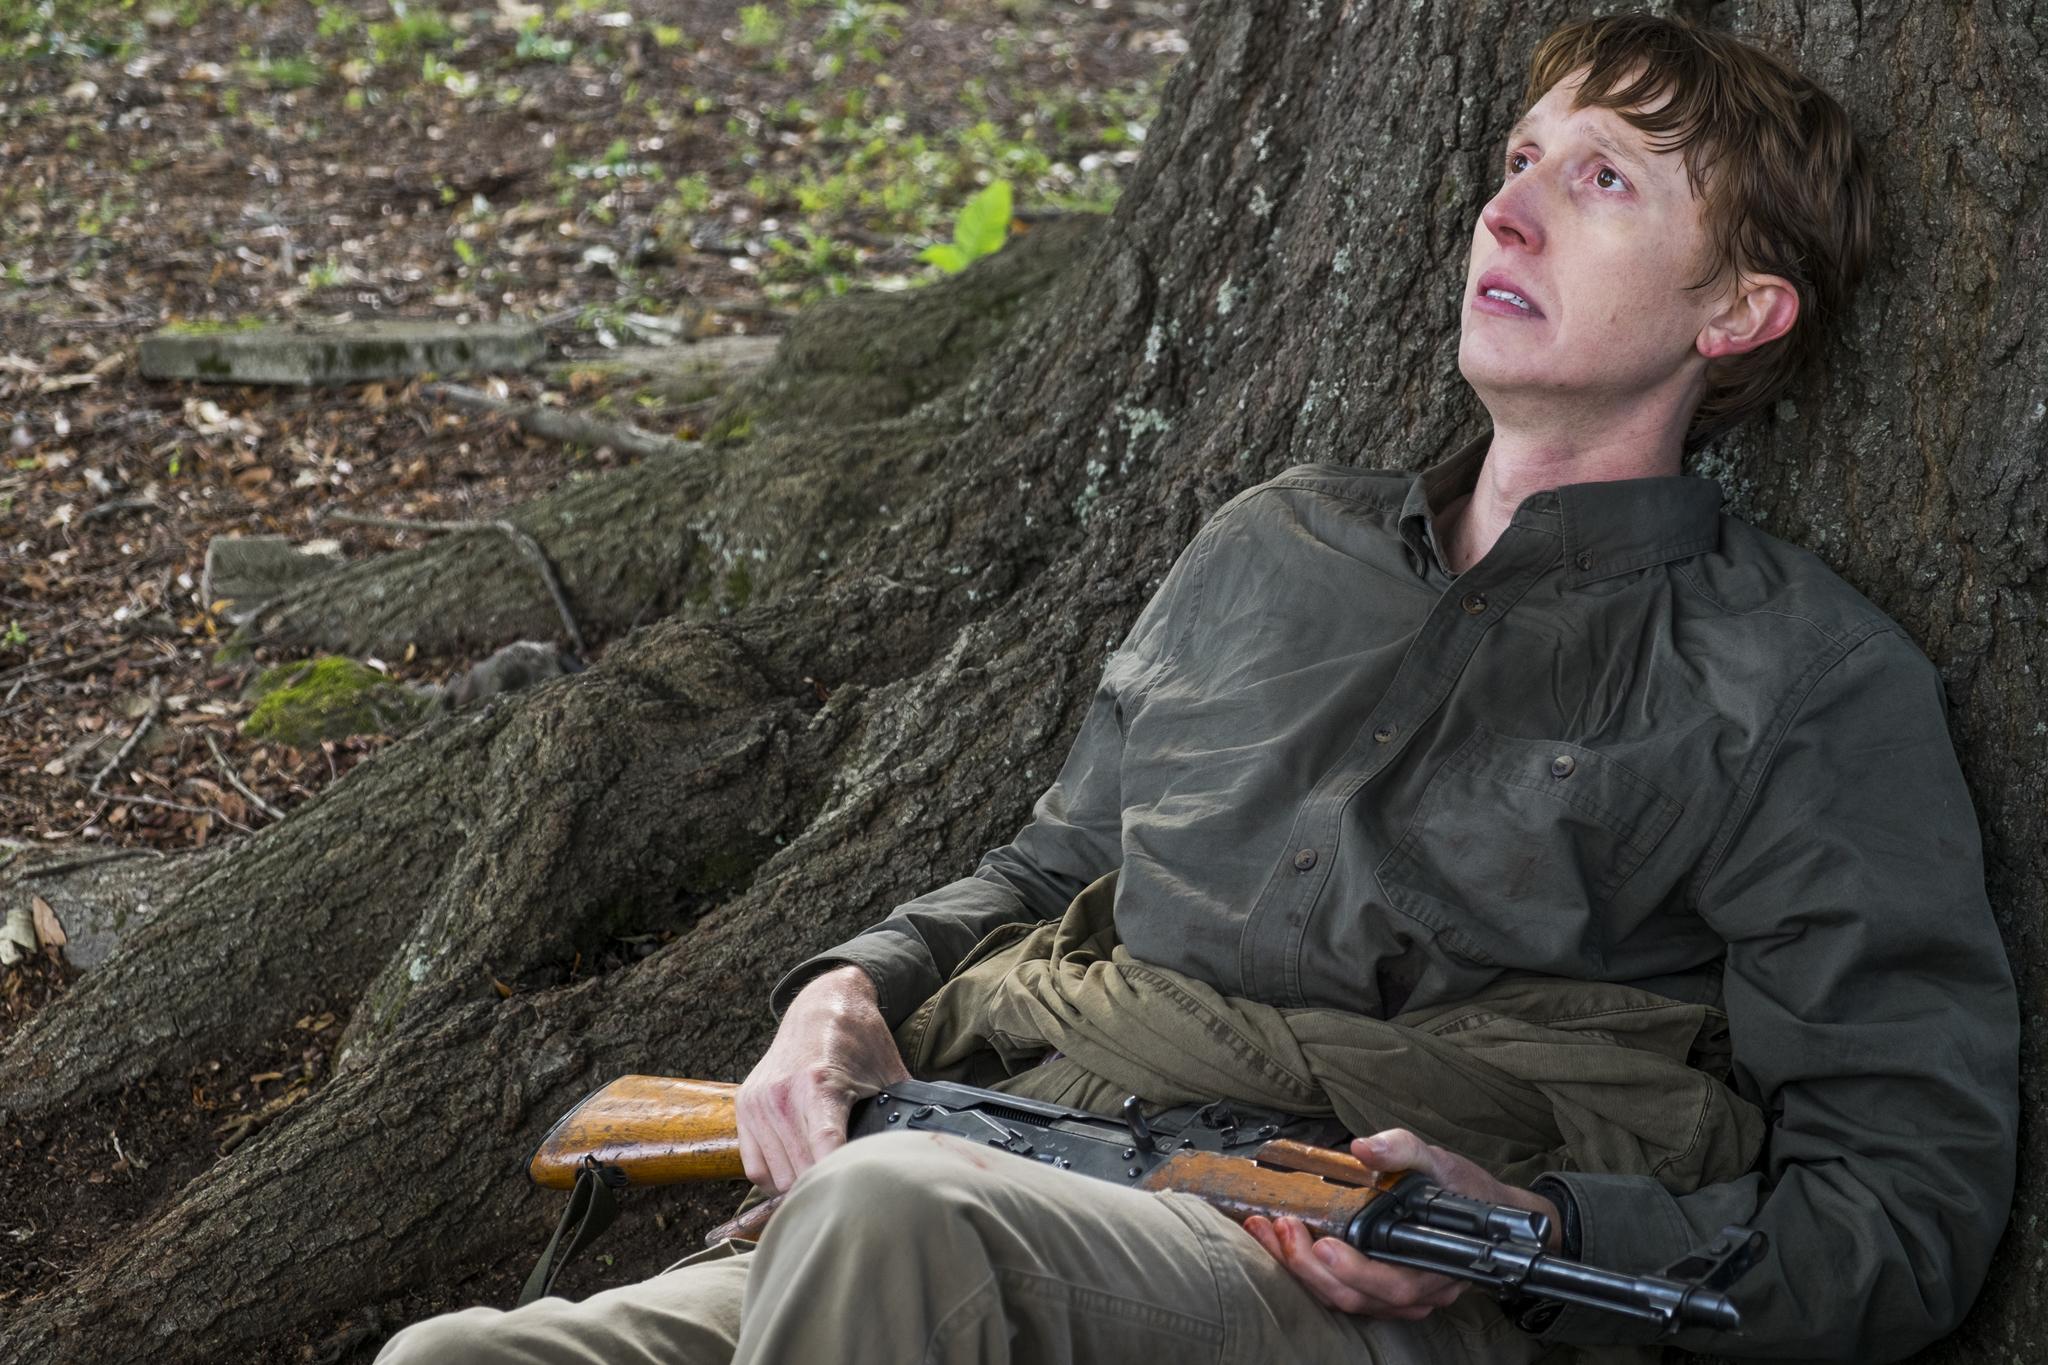 Jordan Woods-Robinson in The Walking Dead (2010)